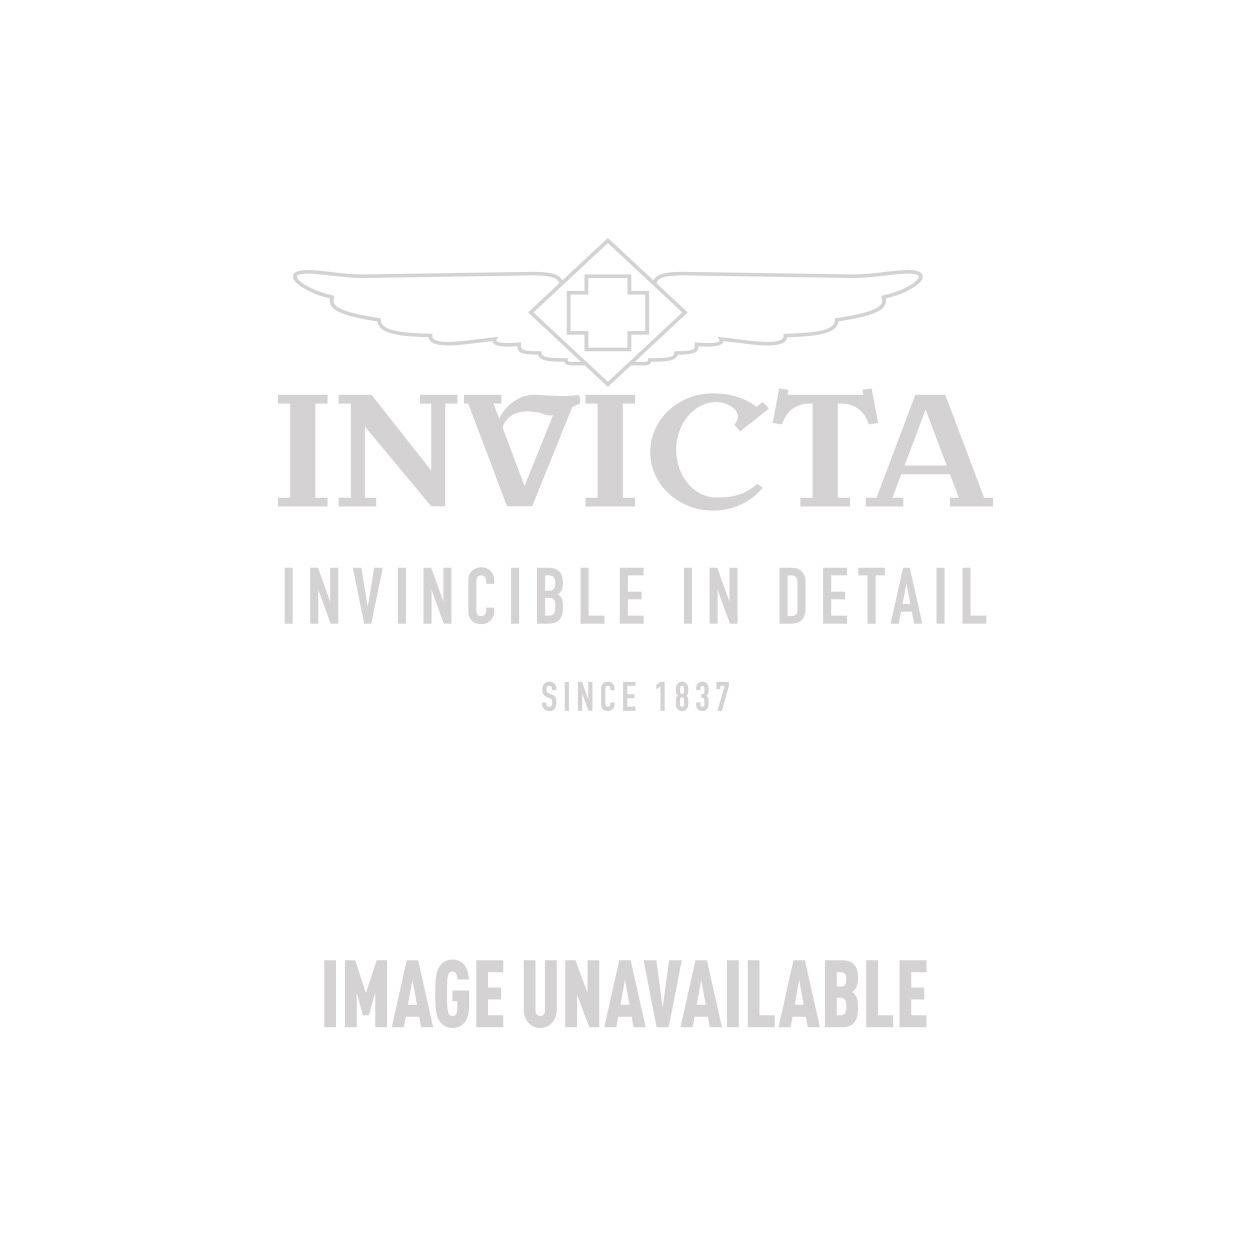 Invicta Model 24905